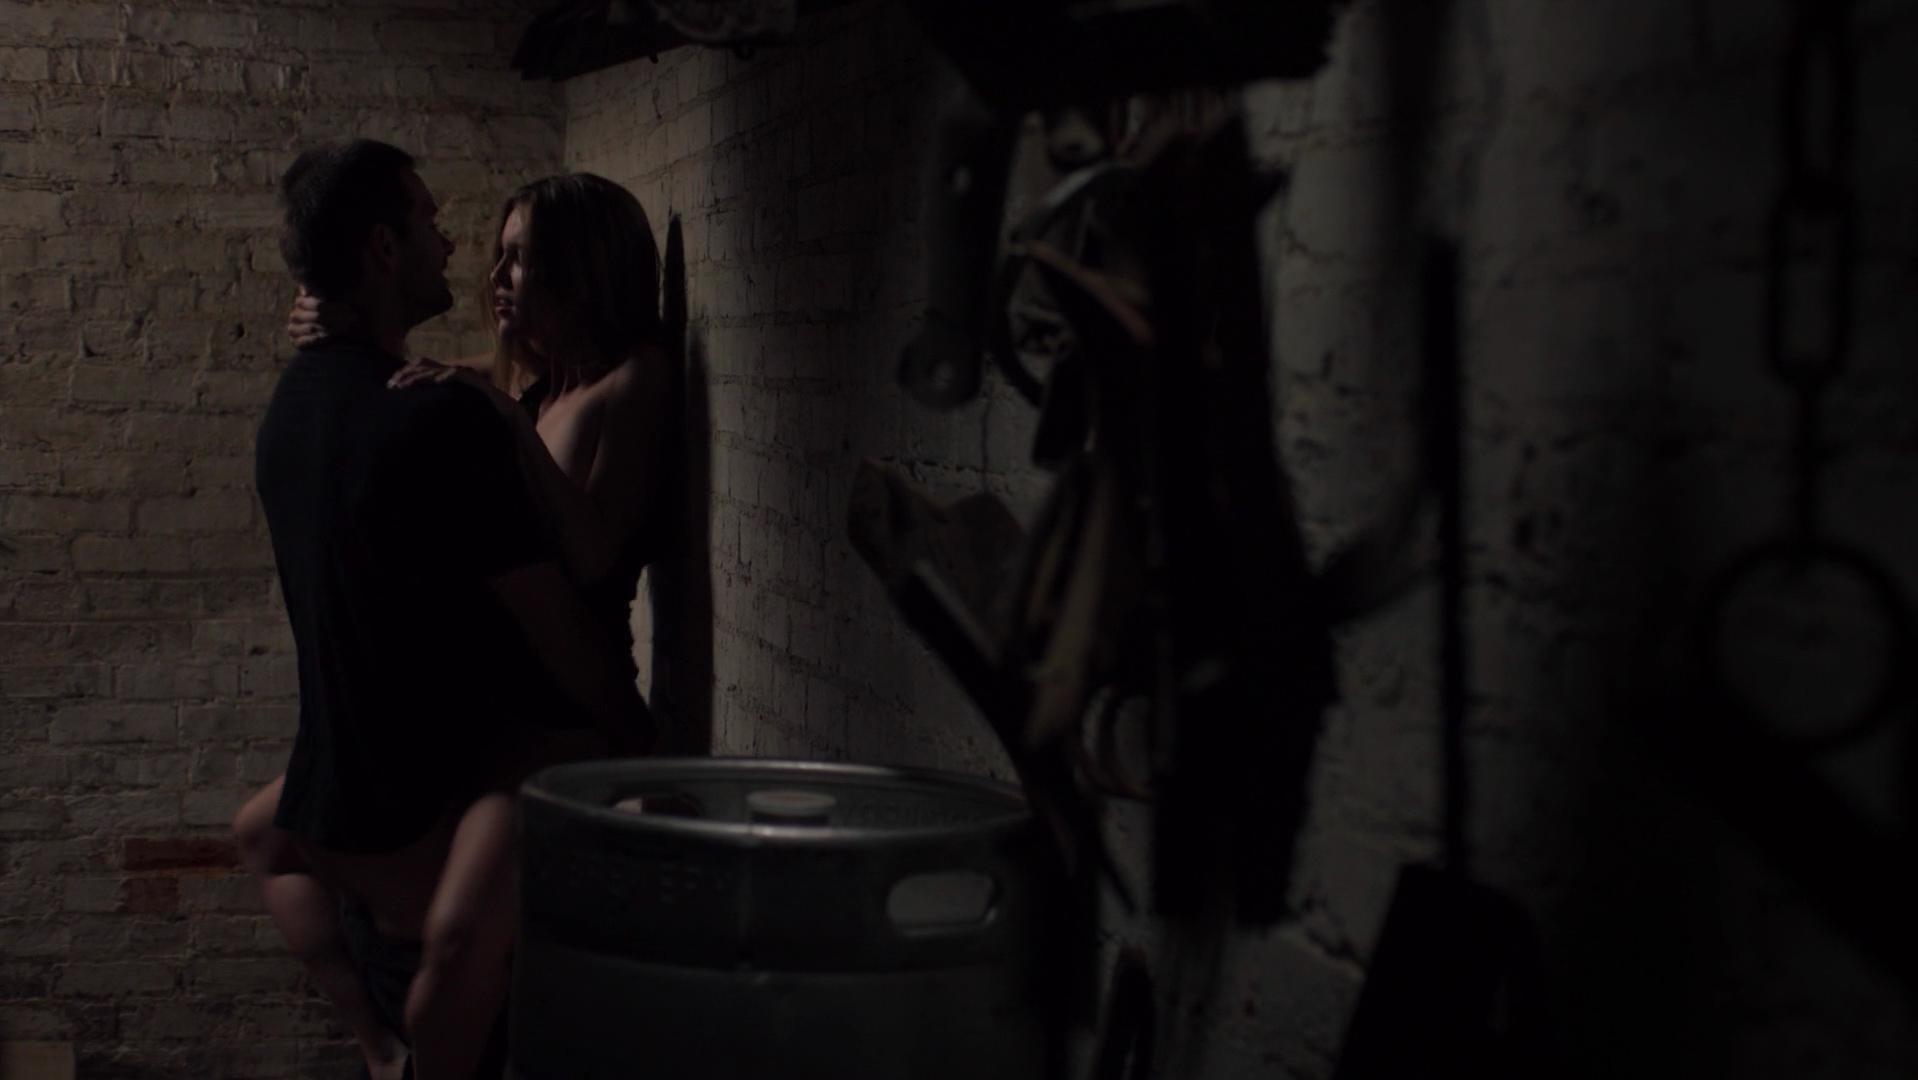 Lili Simmons sexy - Banshee s01e03 (2013)